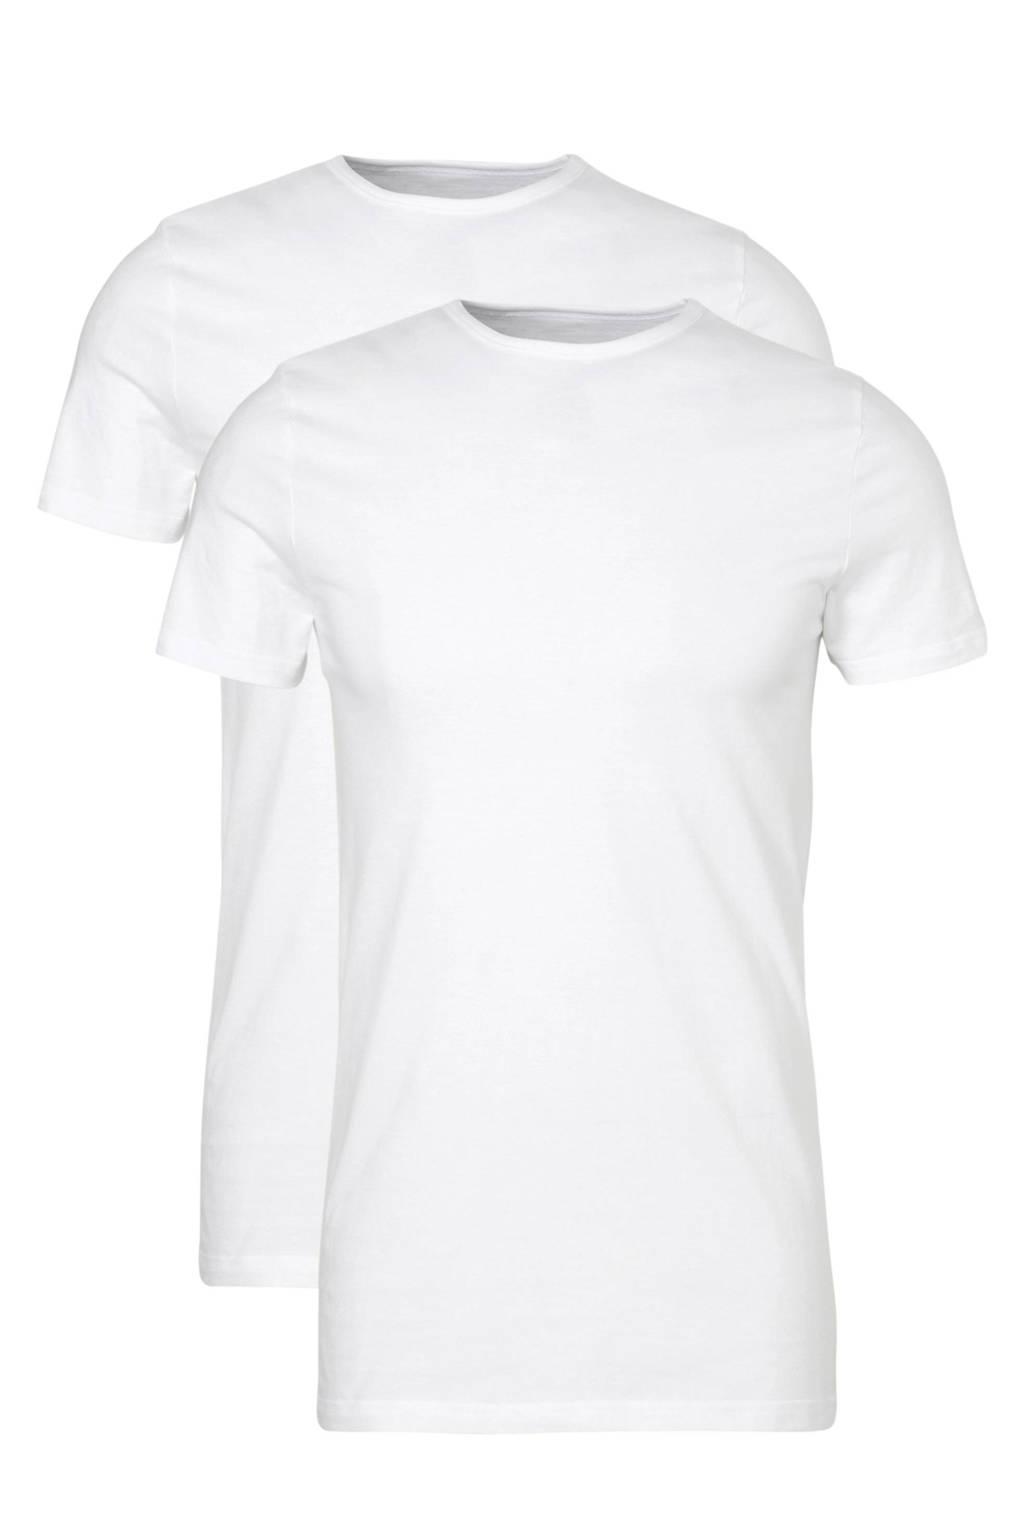 ten Cate T-shirt (set van 2) wit, Wit